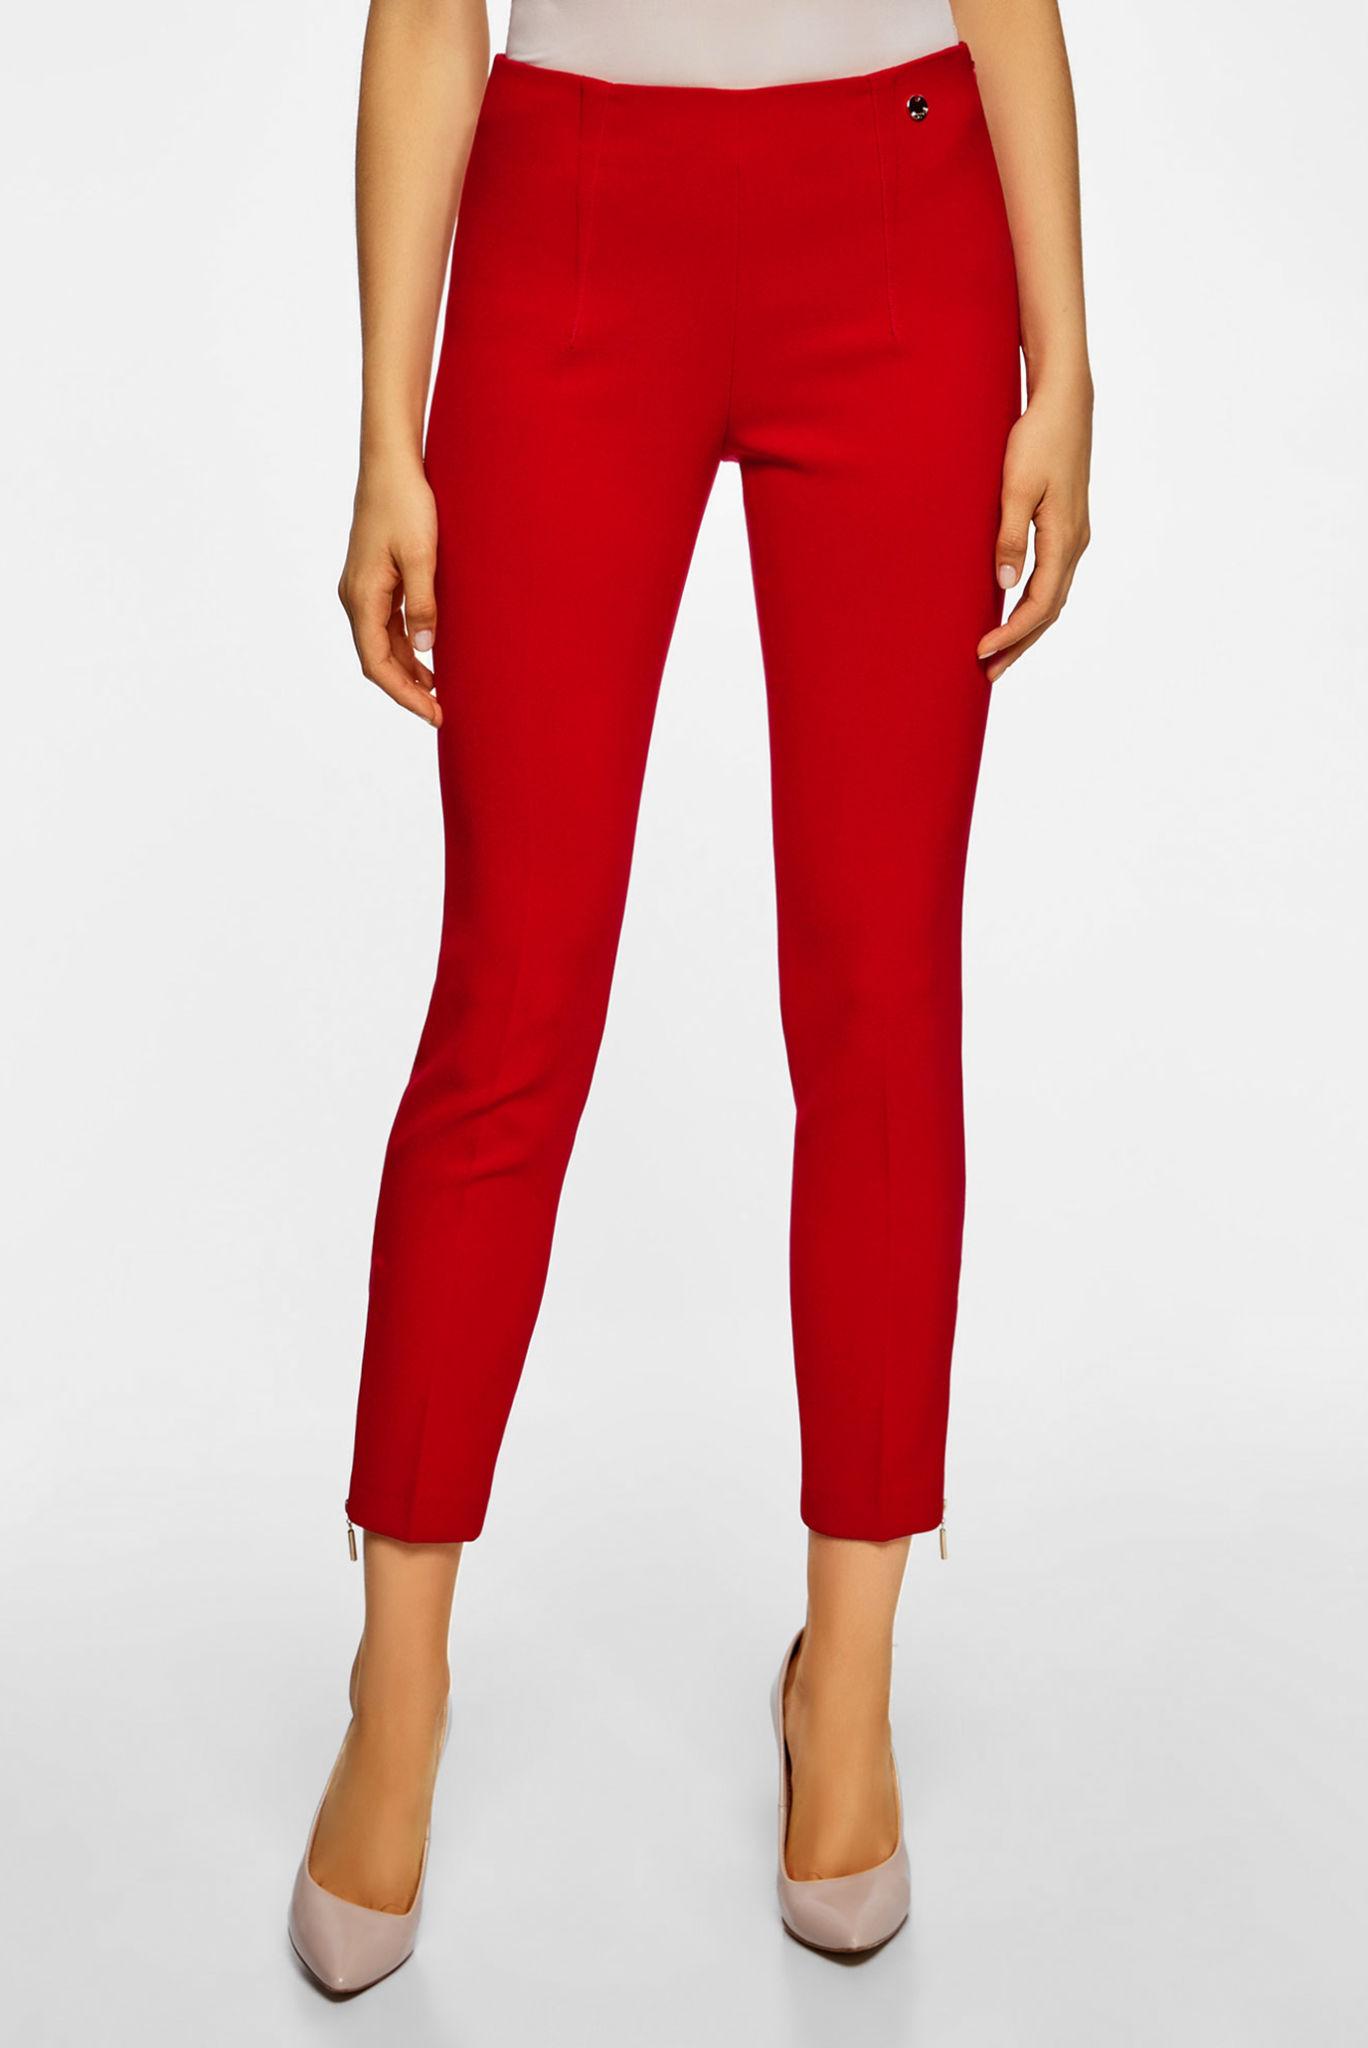 модные женские брюки весны лета 2019: зауженные укороченные красные